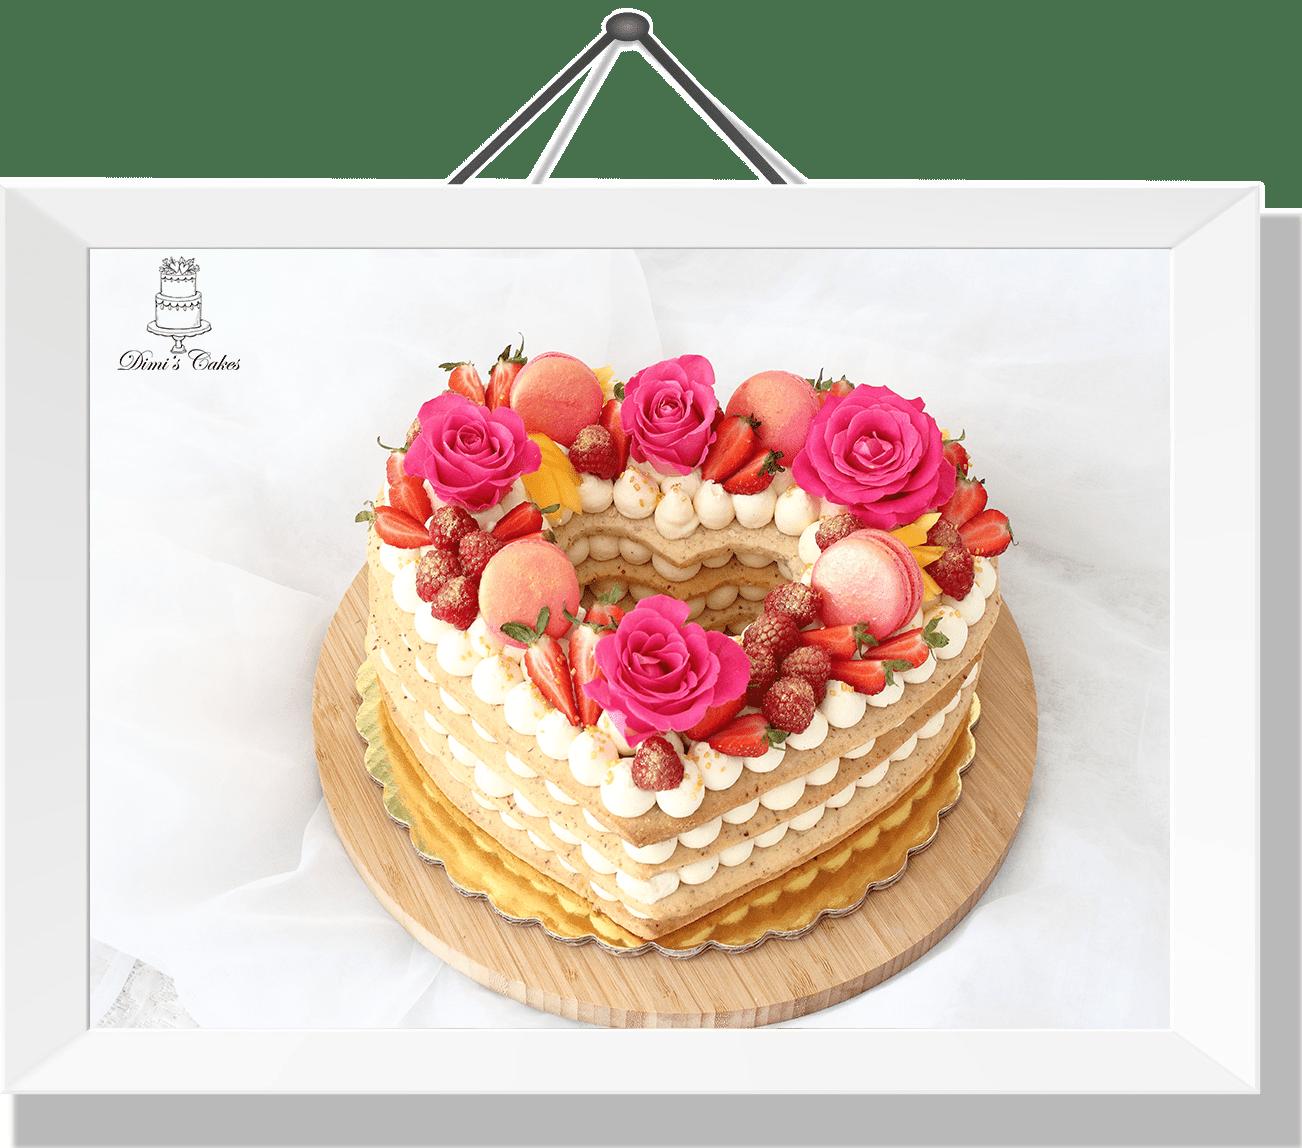 Gâteau-en-forme-de-cœur-1-min